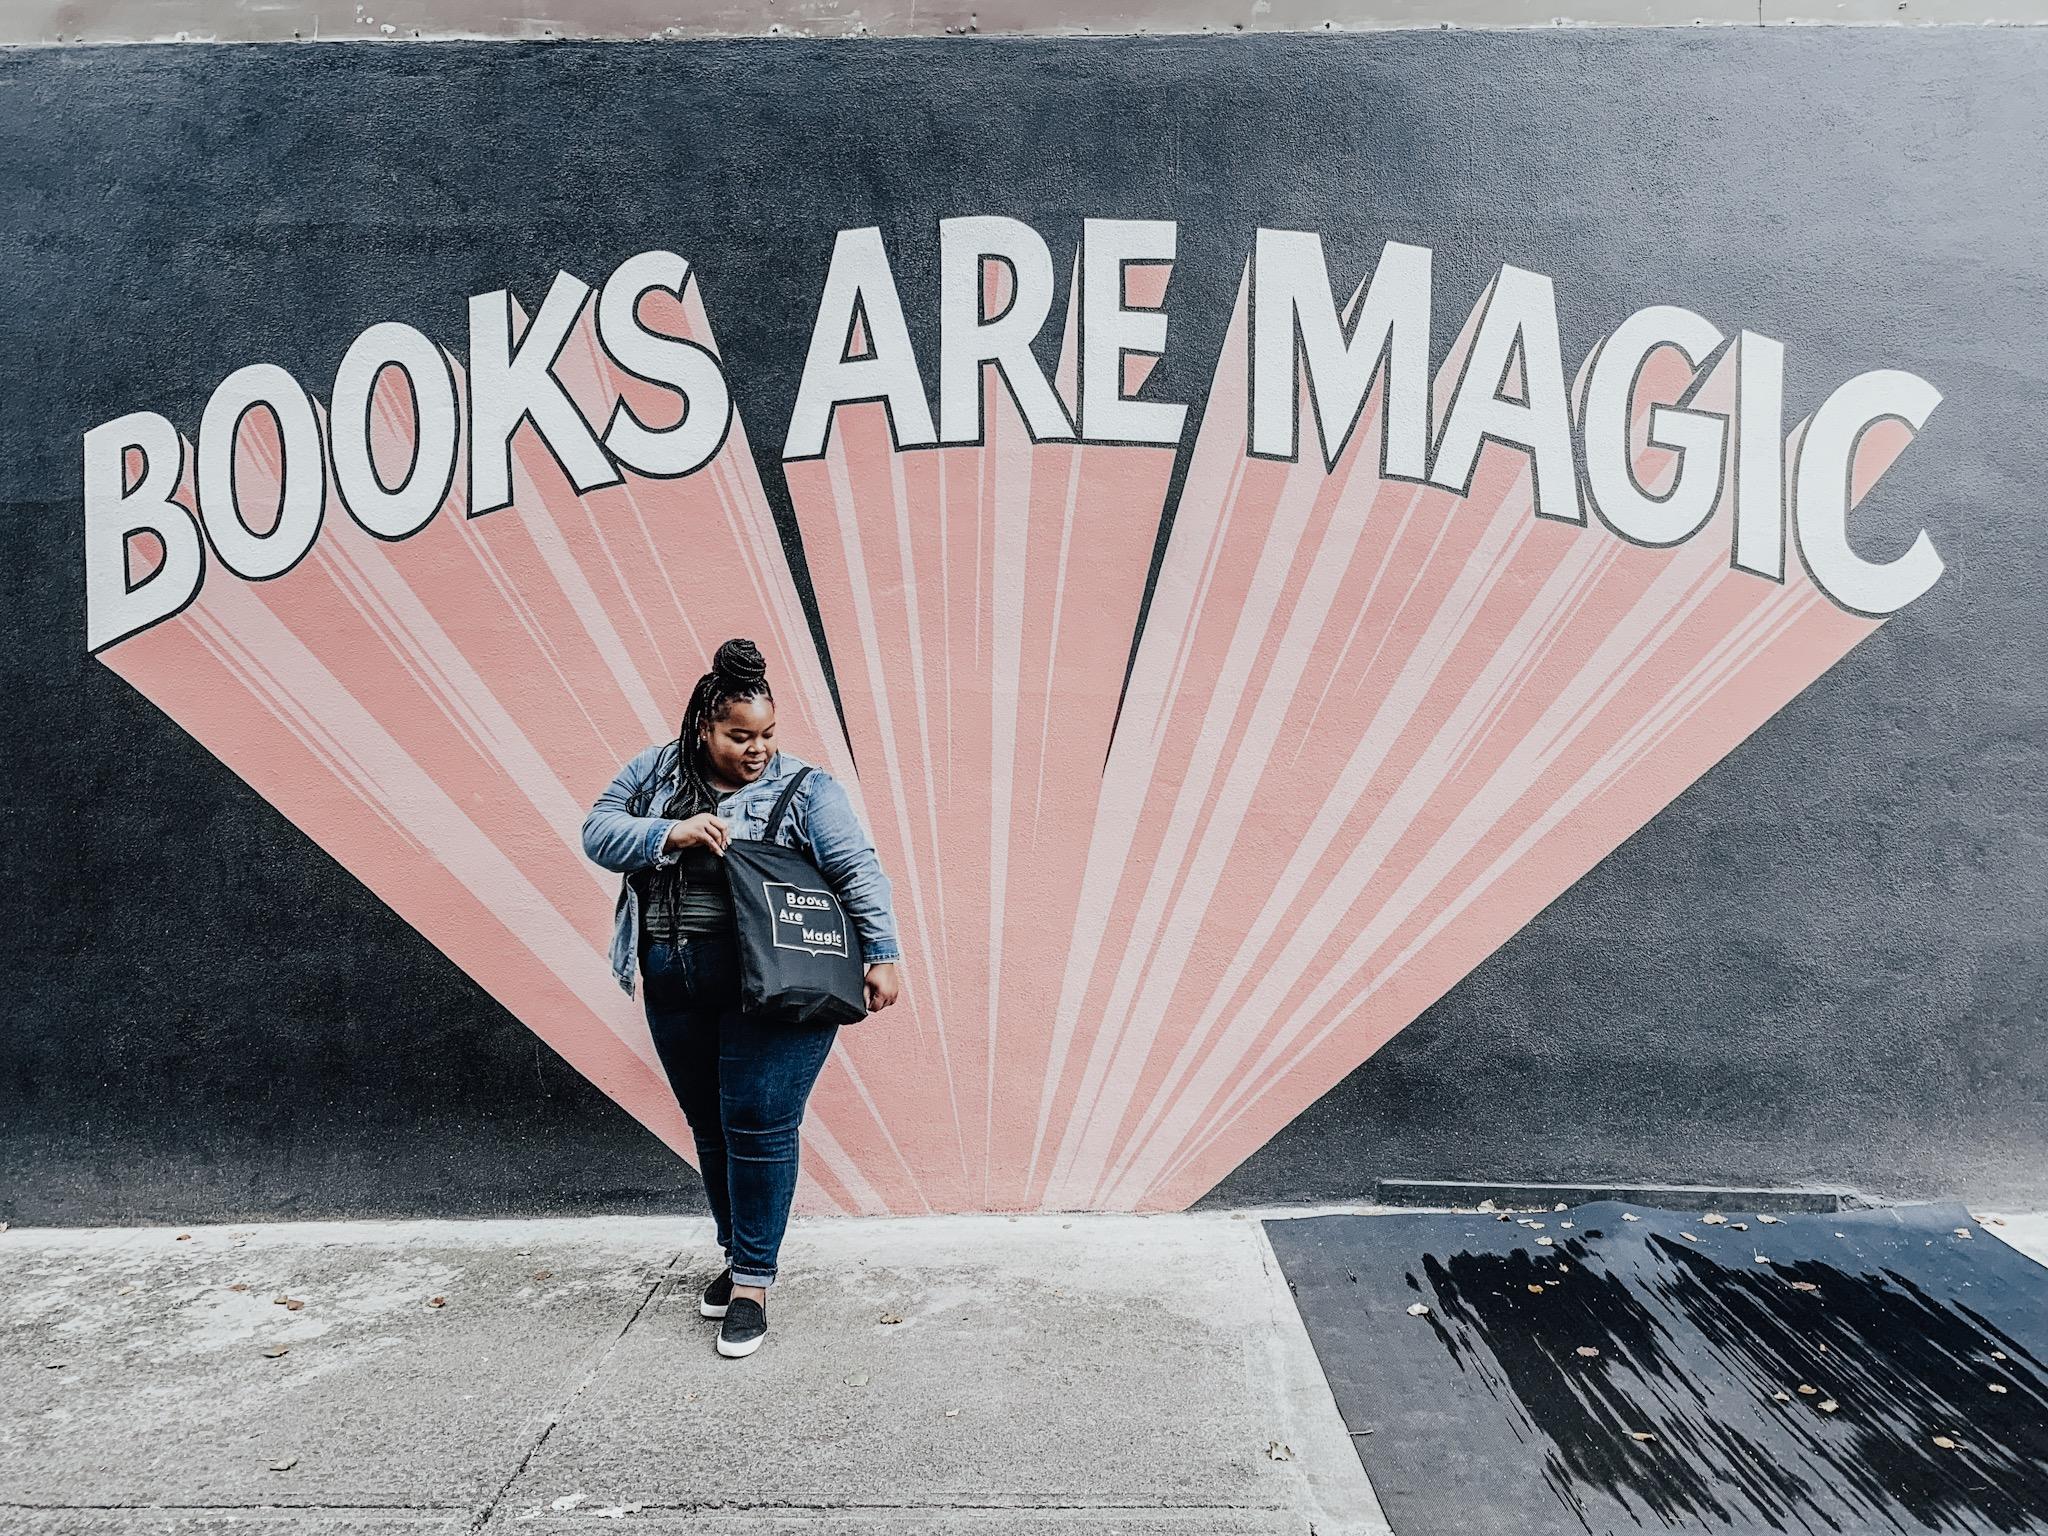 Books Are Magic Brooklyn Bookstore